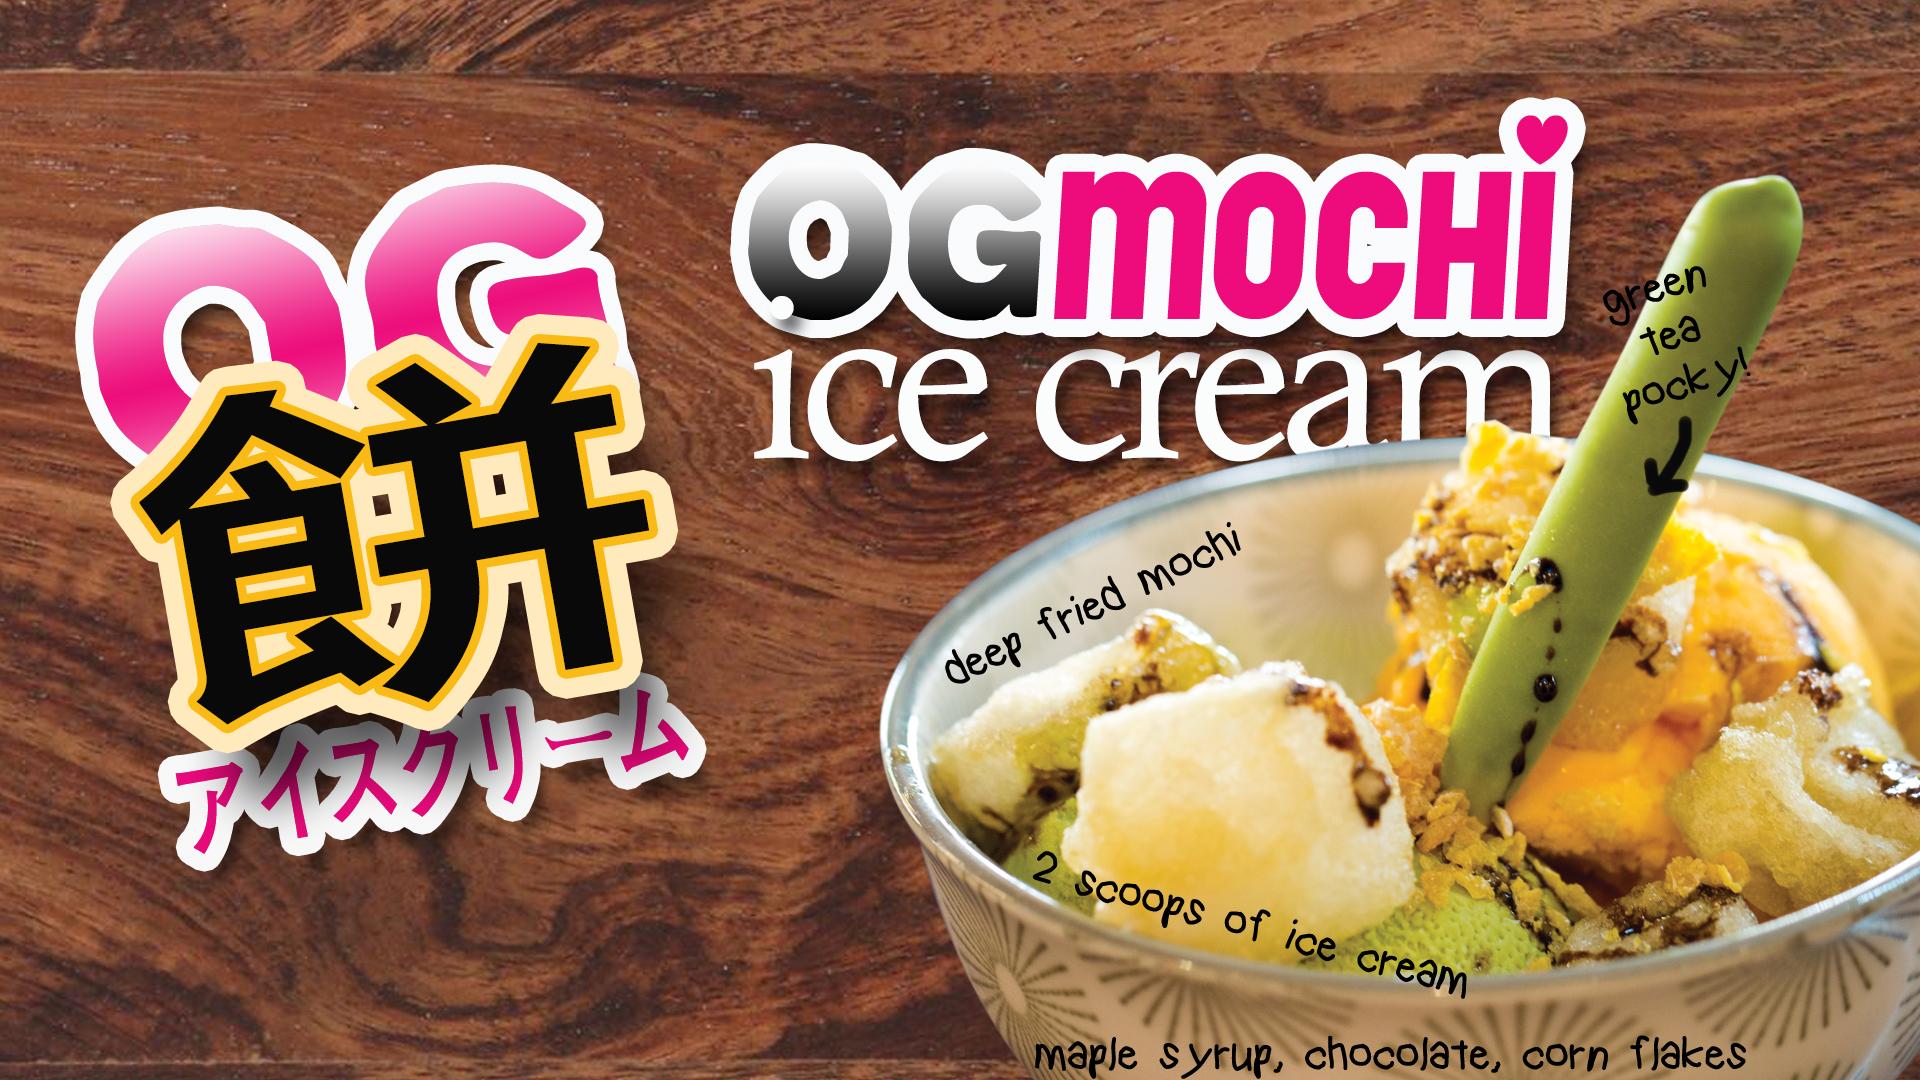 OGMochi